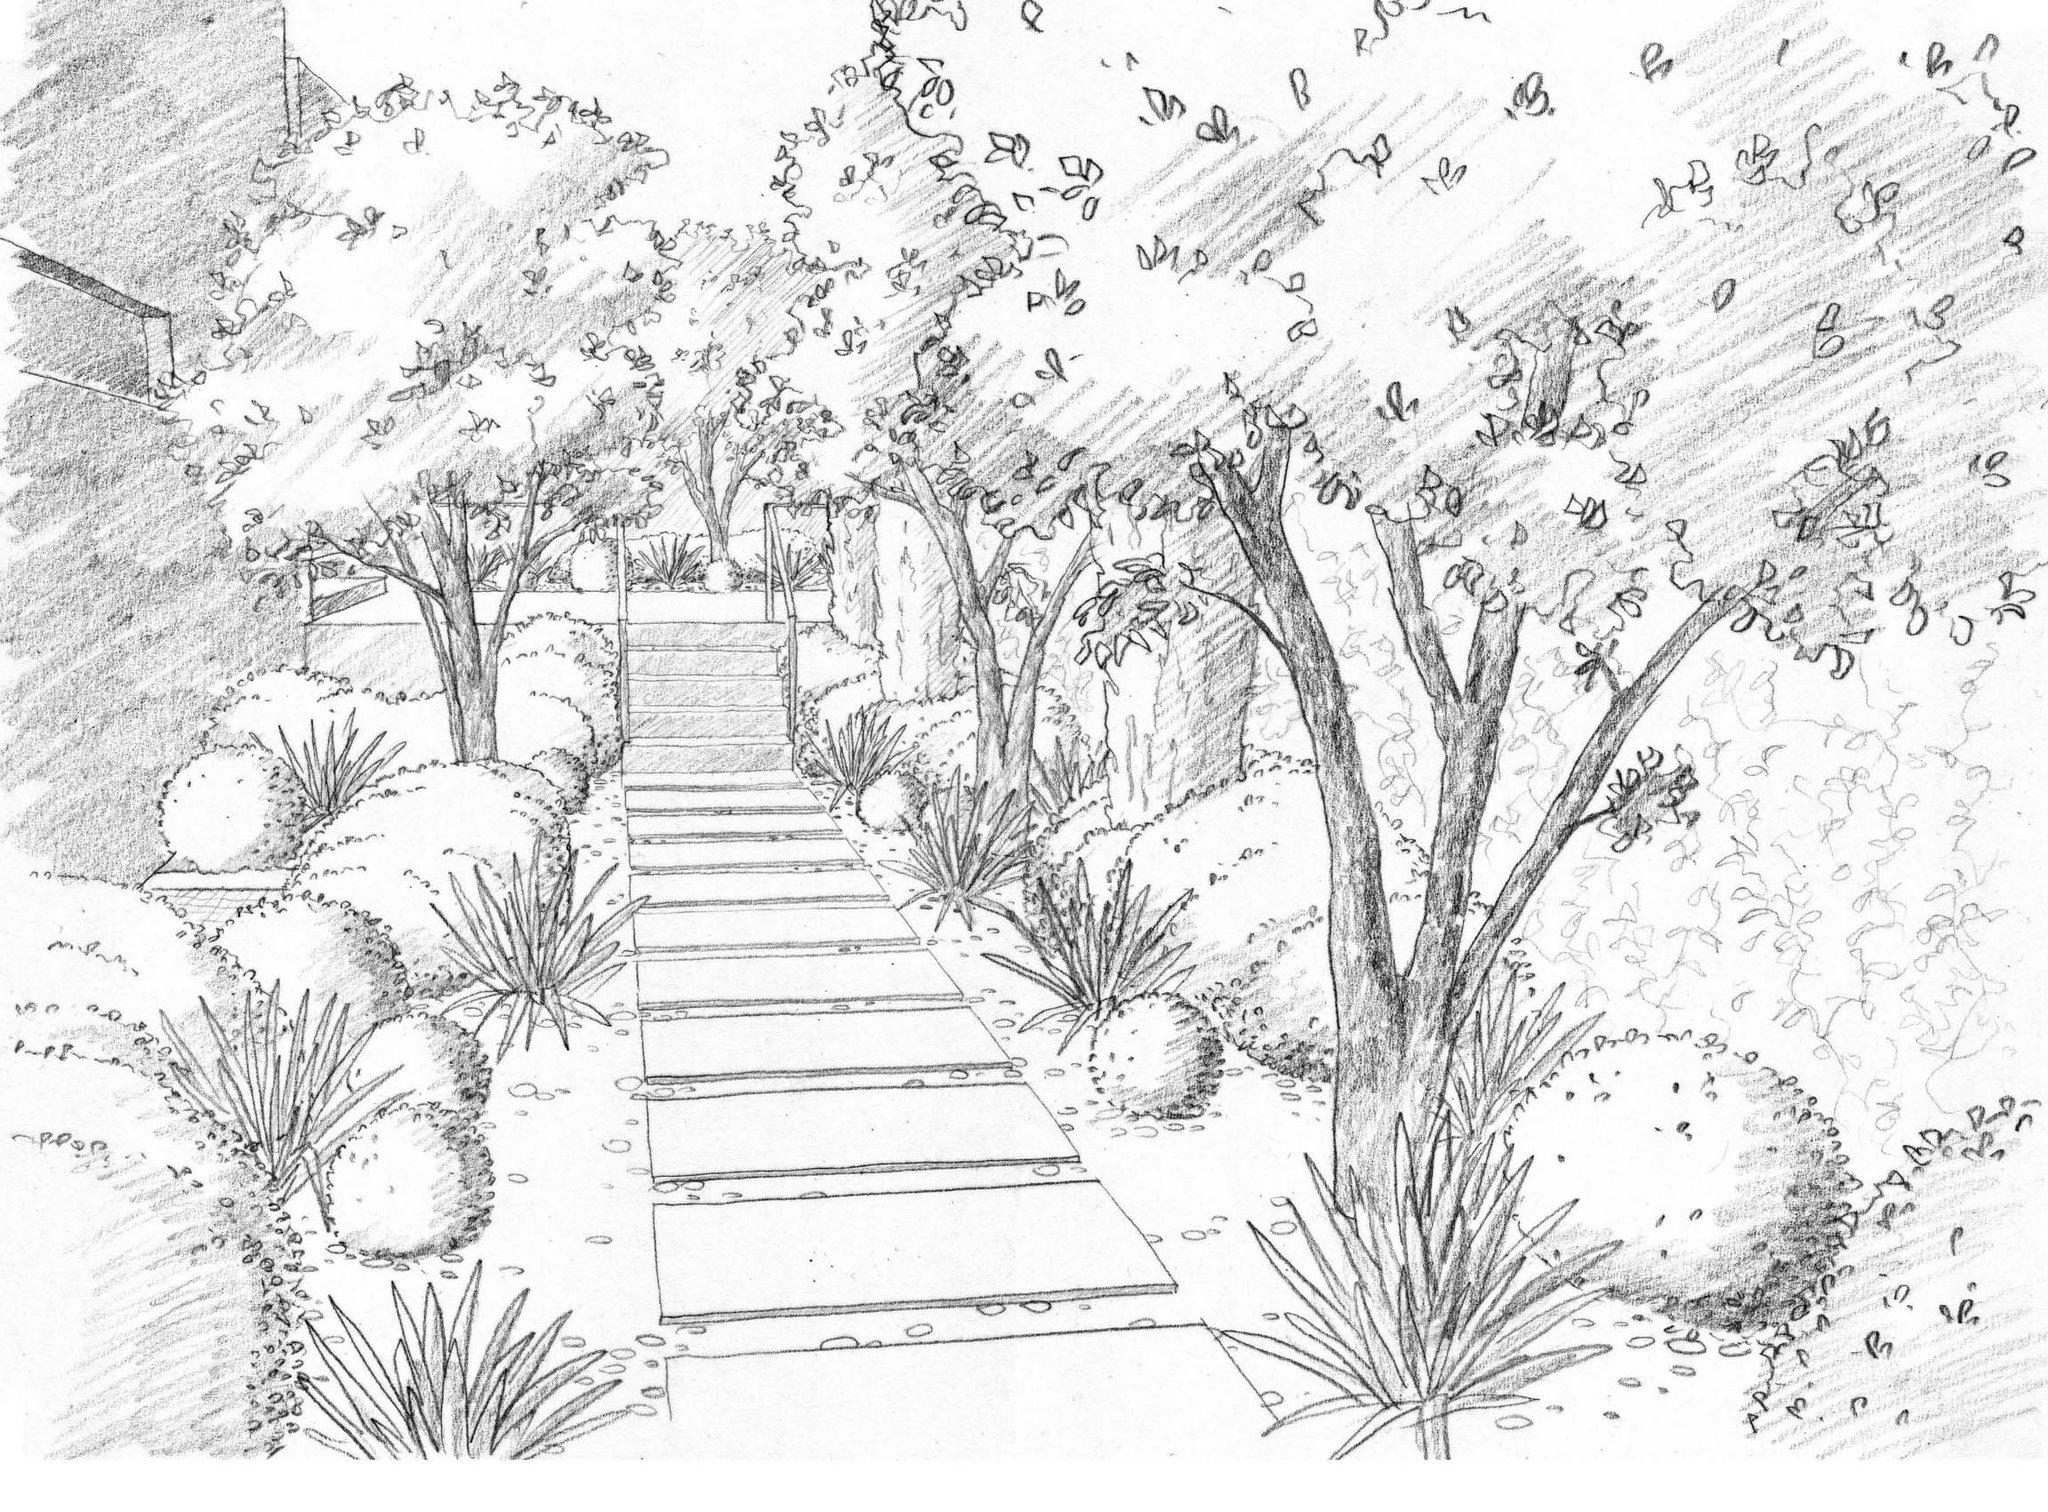 картинки для рисования в саду карандашом будет